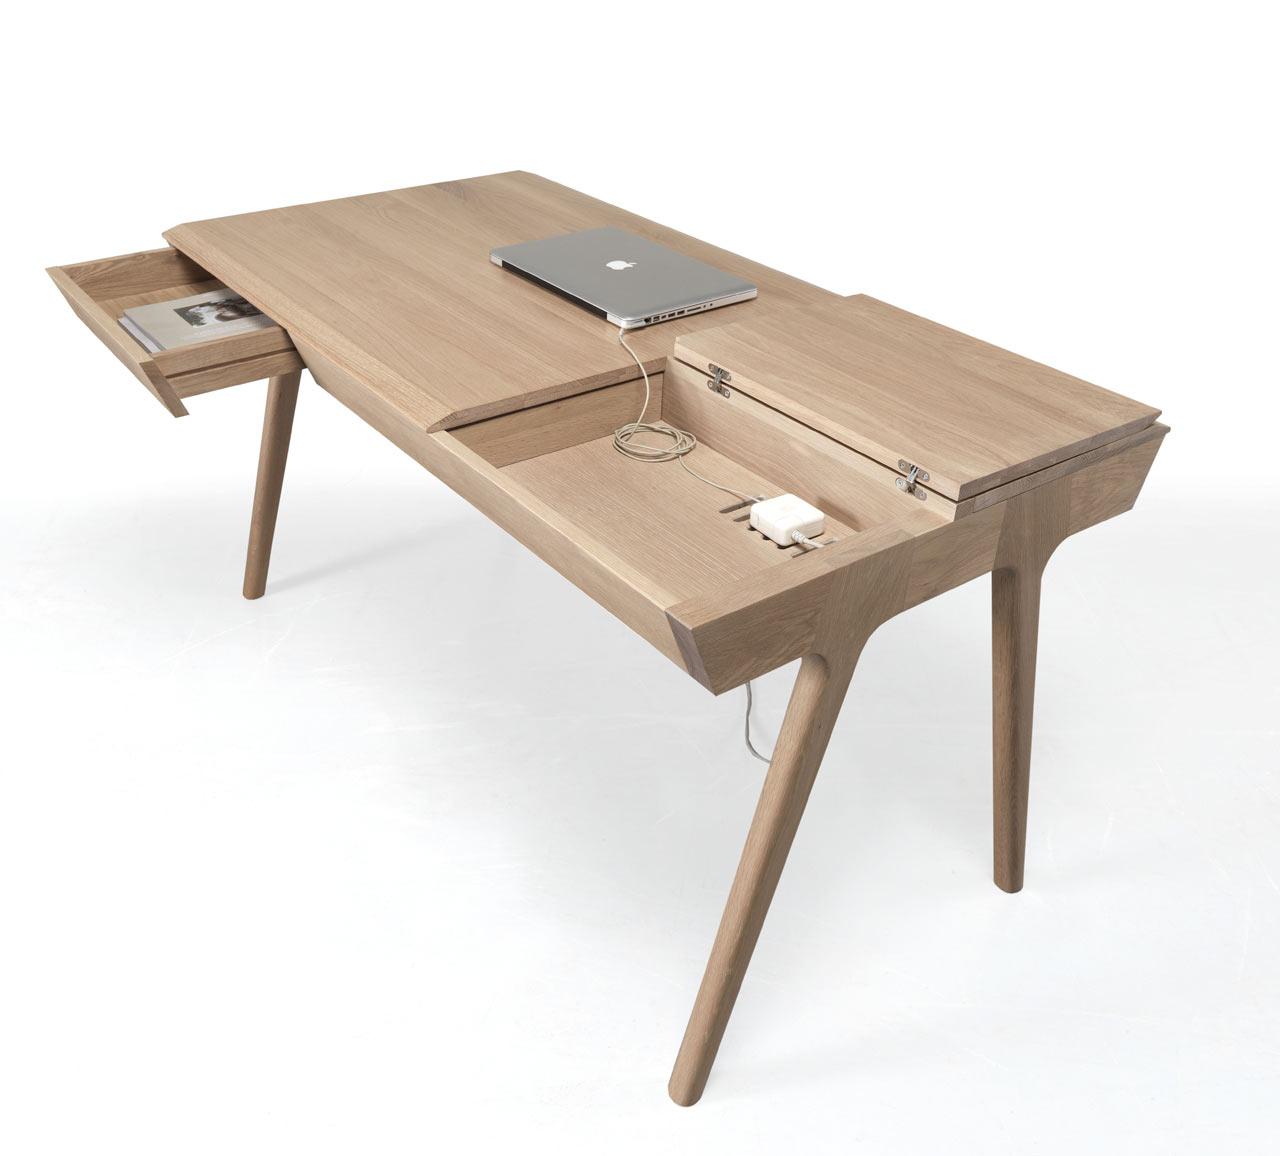 metis a solid wood desk with plenty of storage - Wood Desk Design